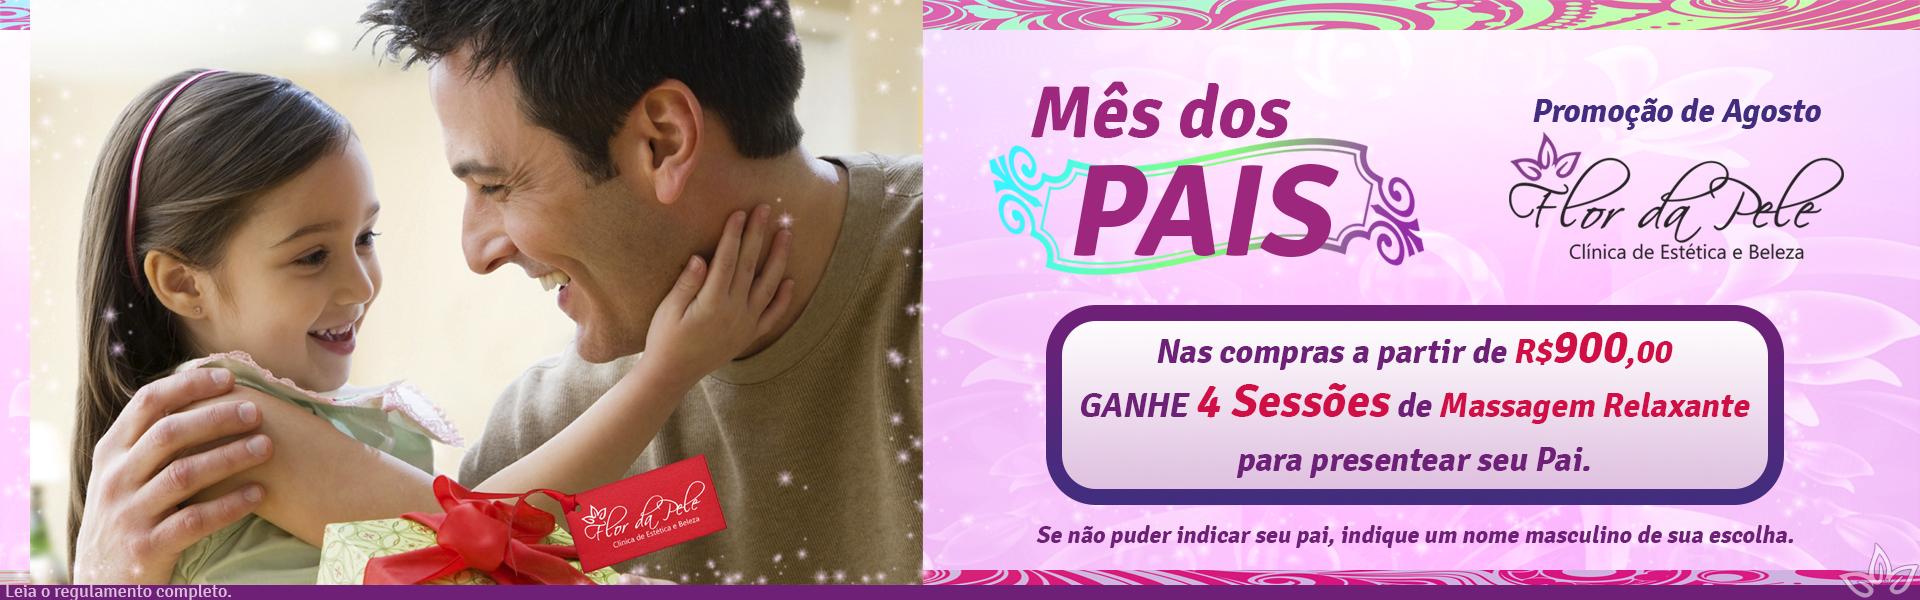 Mês dos Pais: Nas compras acima de R$900,00 ganhe 4 sessões de Massagem Relaxante para presentear seu Pai.